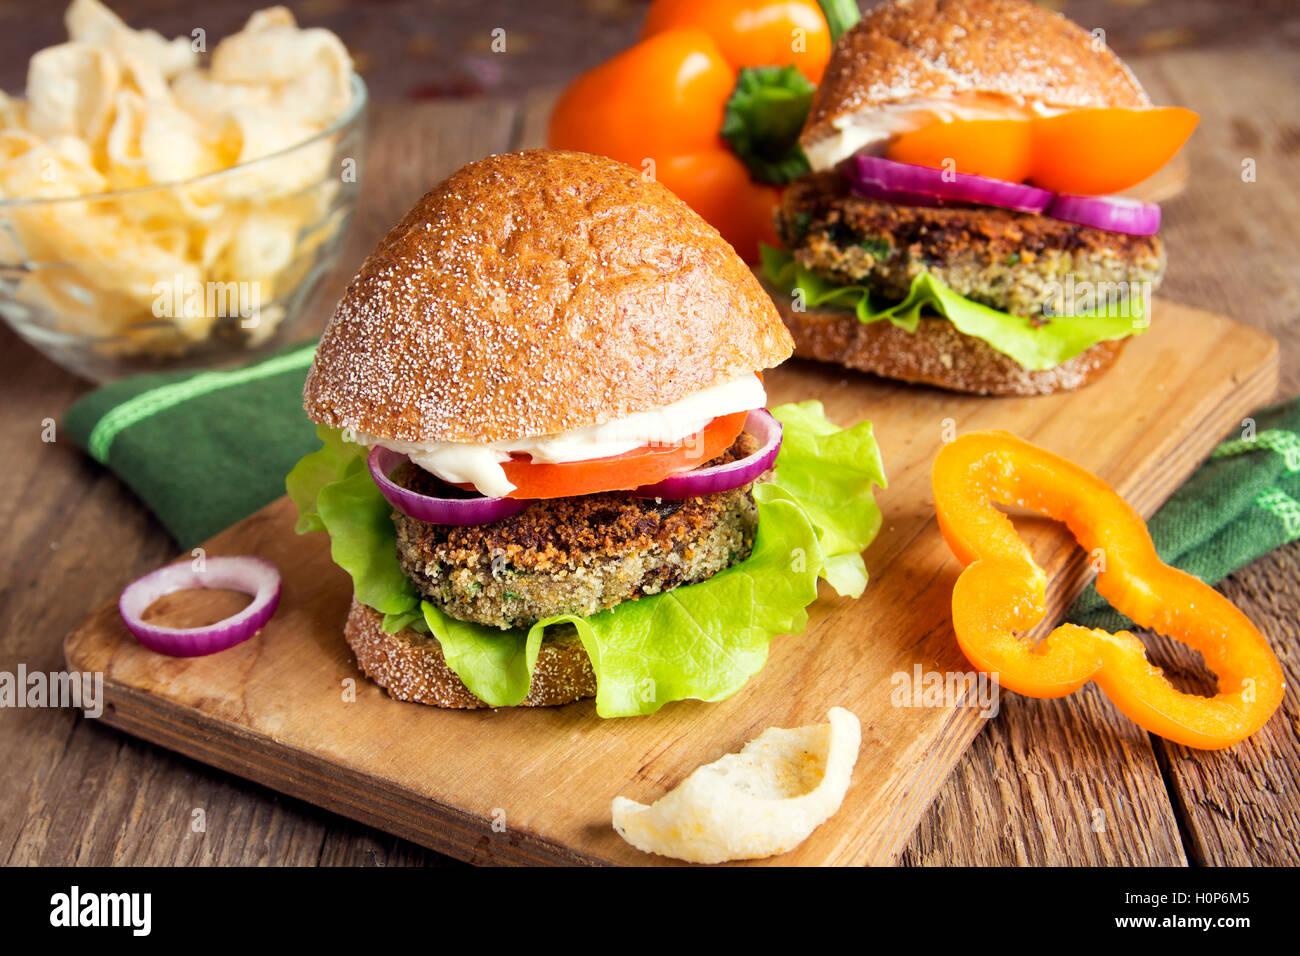 Hamburguesa de lentejas vegetariano con verduras sobre la tabla de cortar de madera - sabrosos y saludables bocadillos Foto de stock